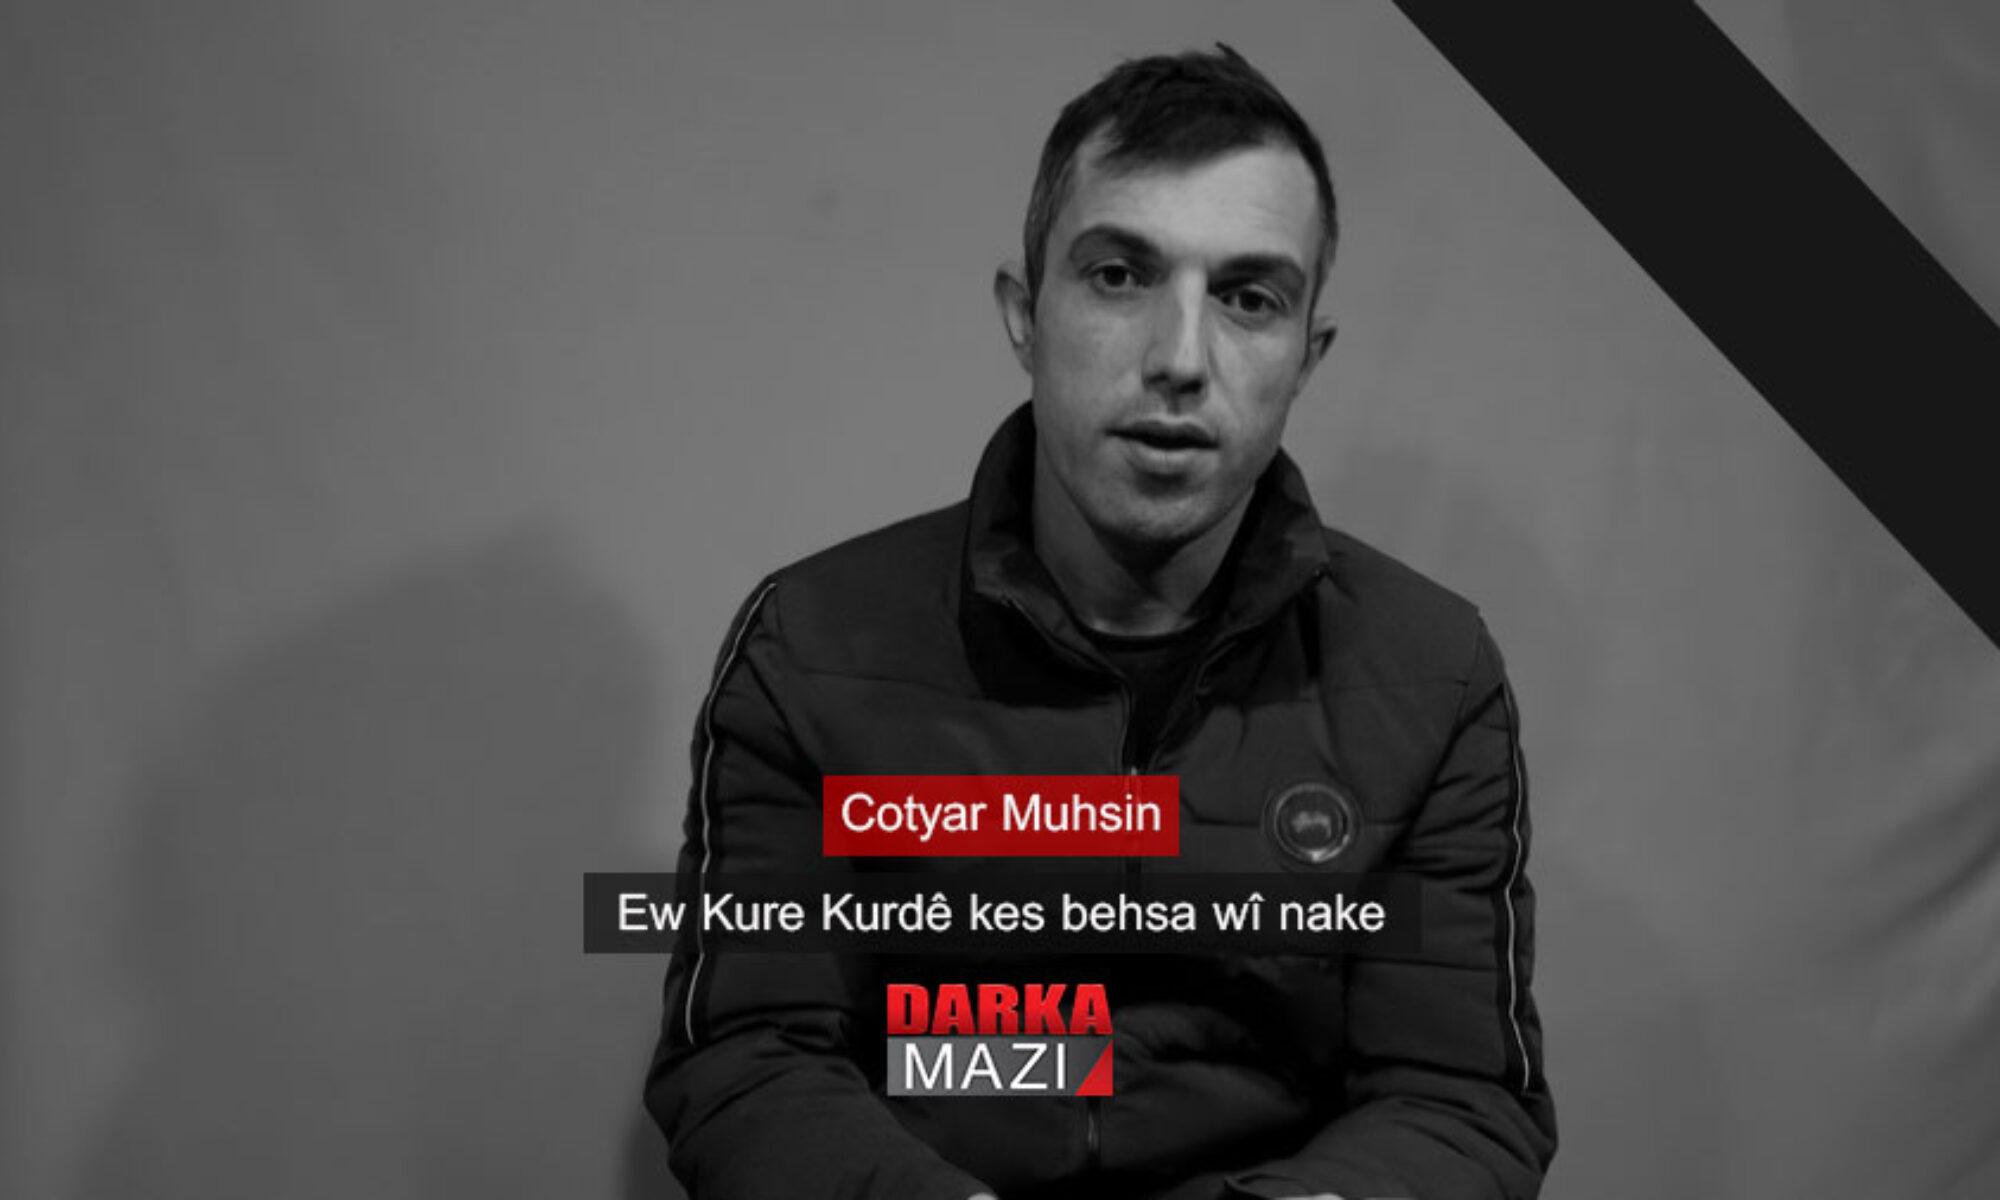 Gare operasyonu sonrası kimsenin söz etmediği Kürt evladı: Cotyar Muhsin